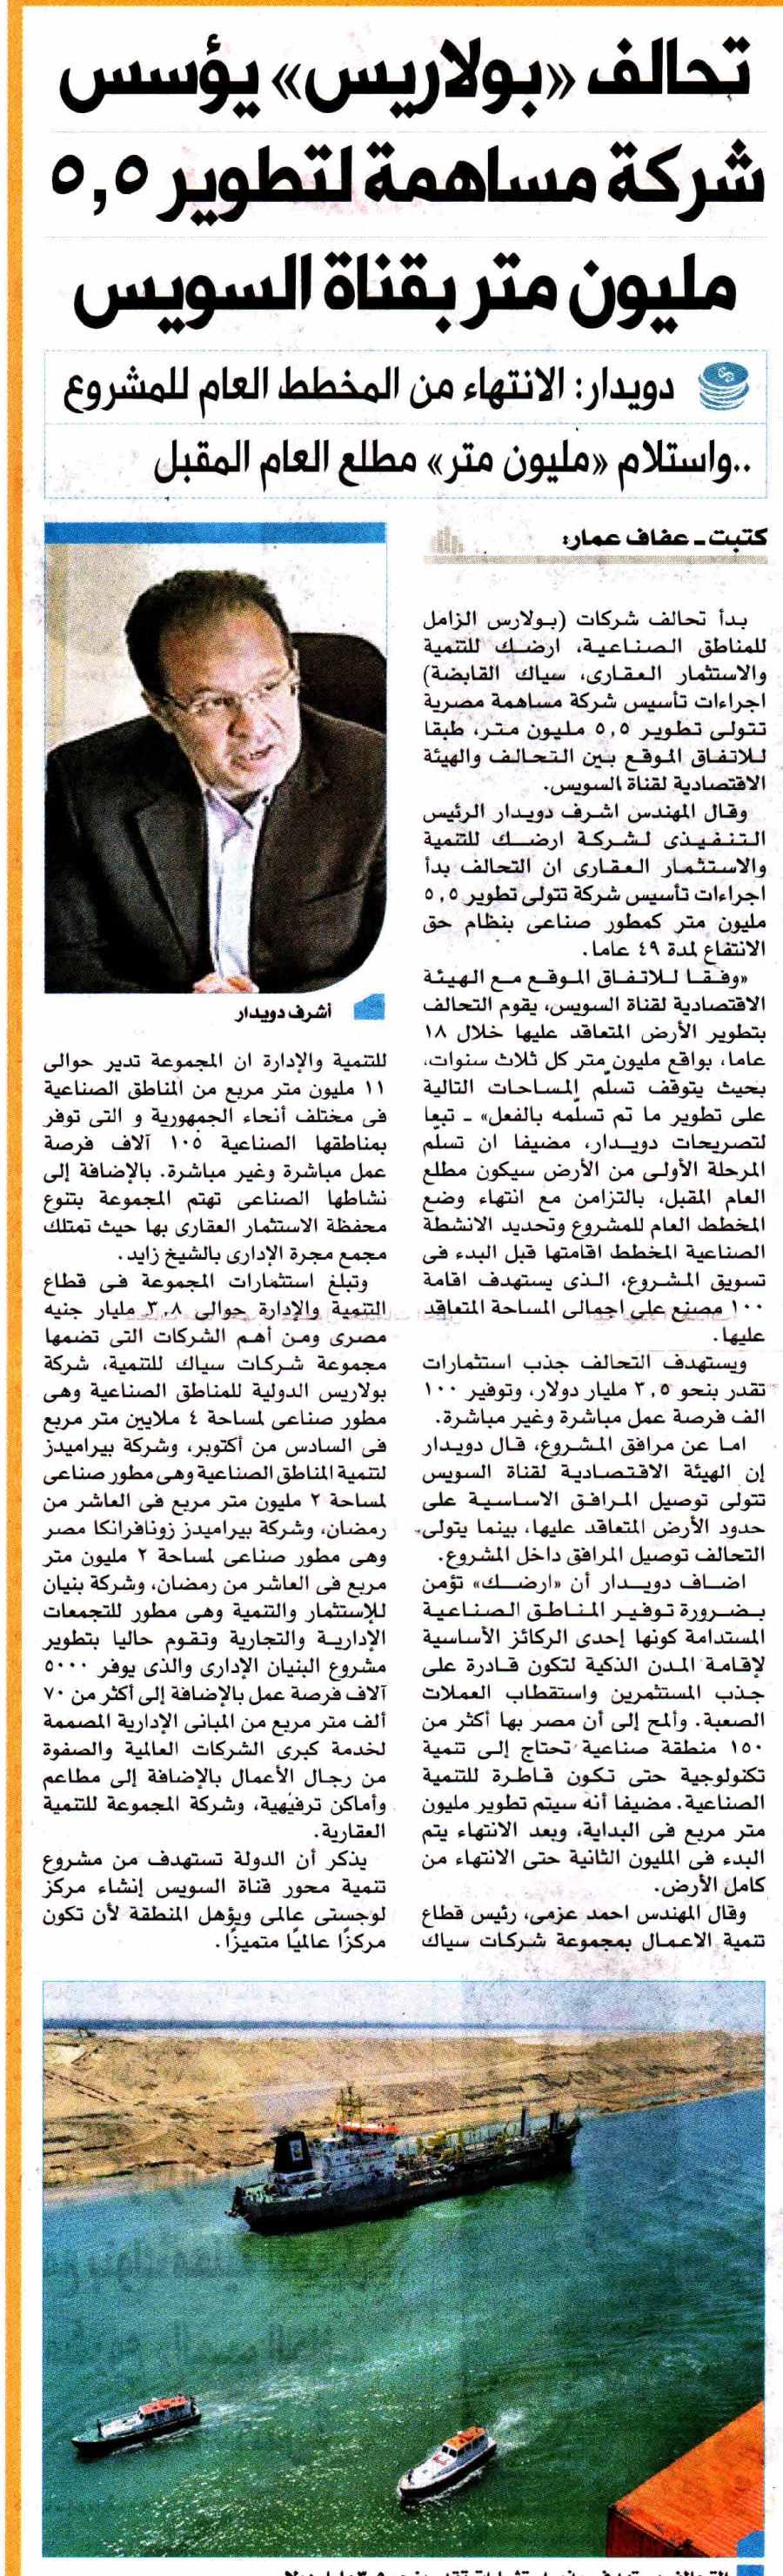 Al Shotrouk (Sup) 12 Nov P.4 B.jpg